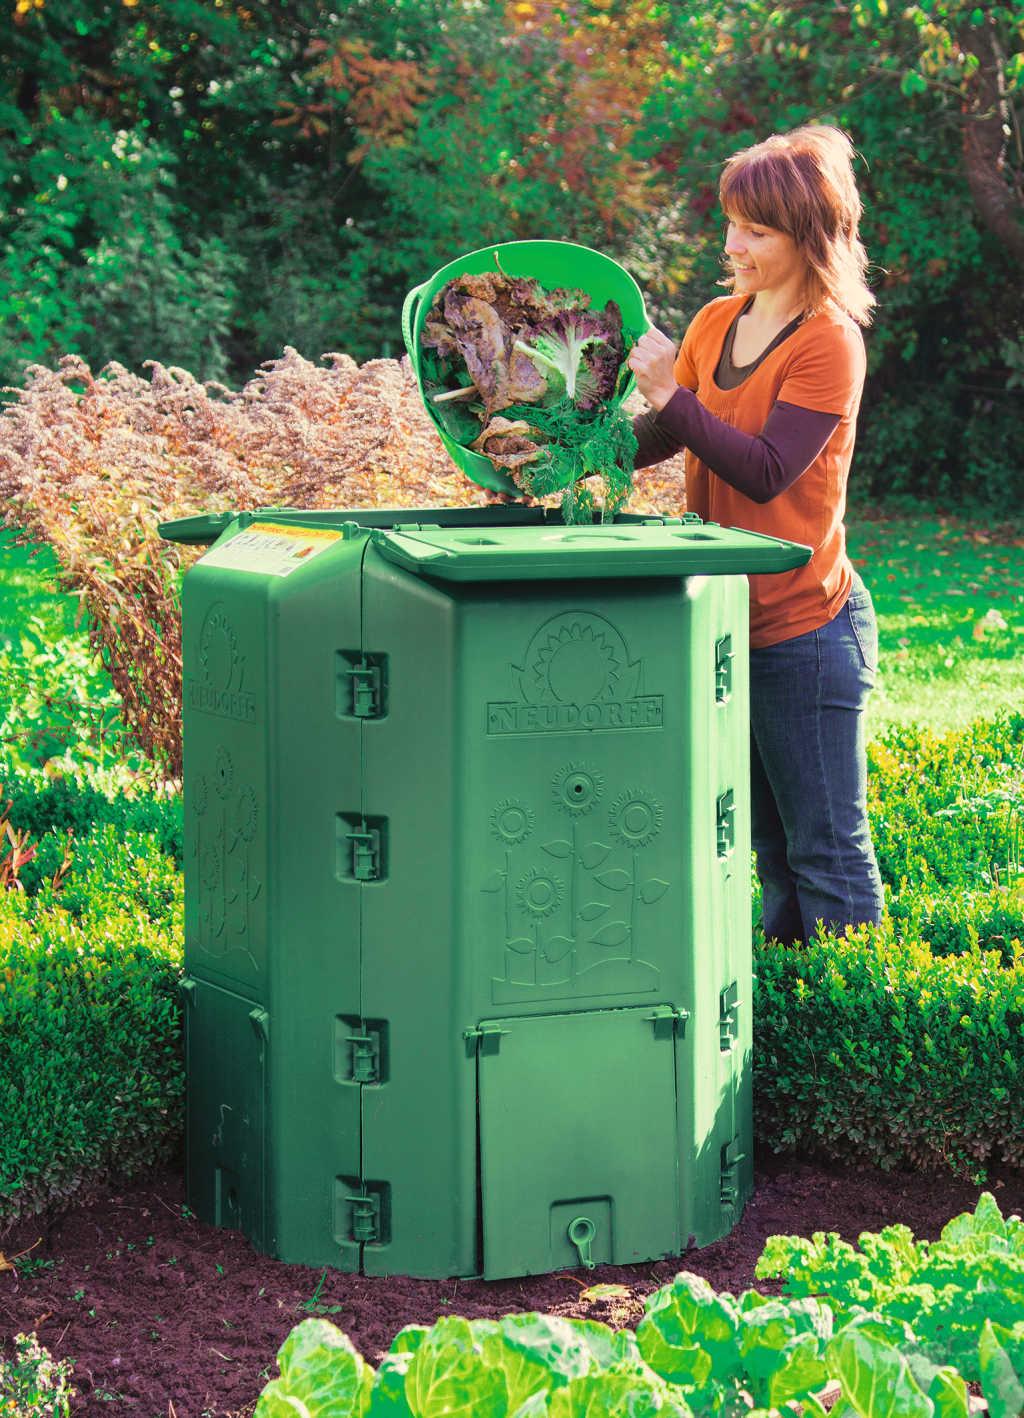 komposter test die besten thermokomposter handtuchgarten. Black Bedroom Furniture Sets. Home Design Ideas